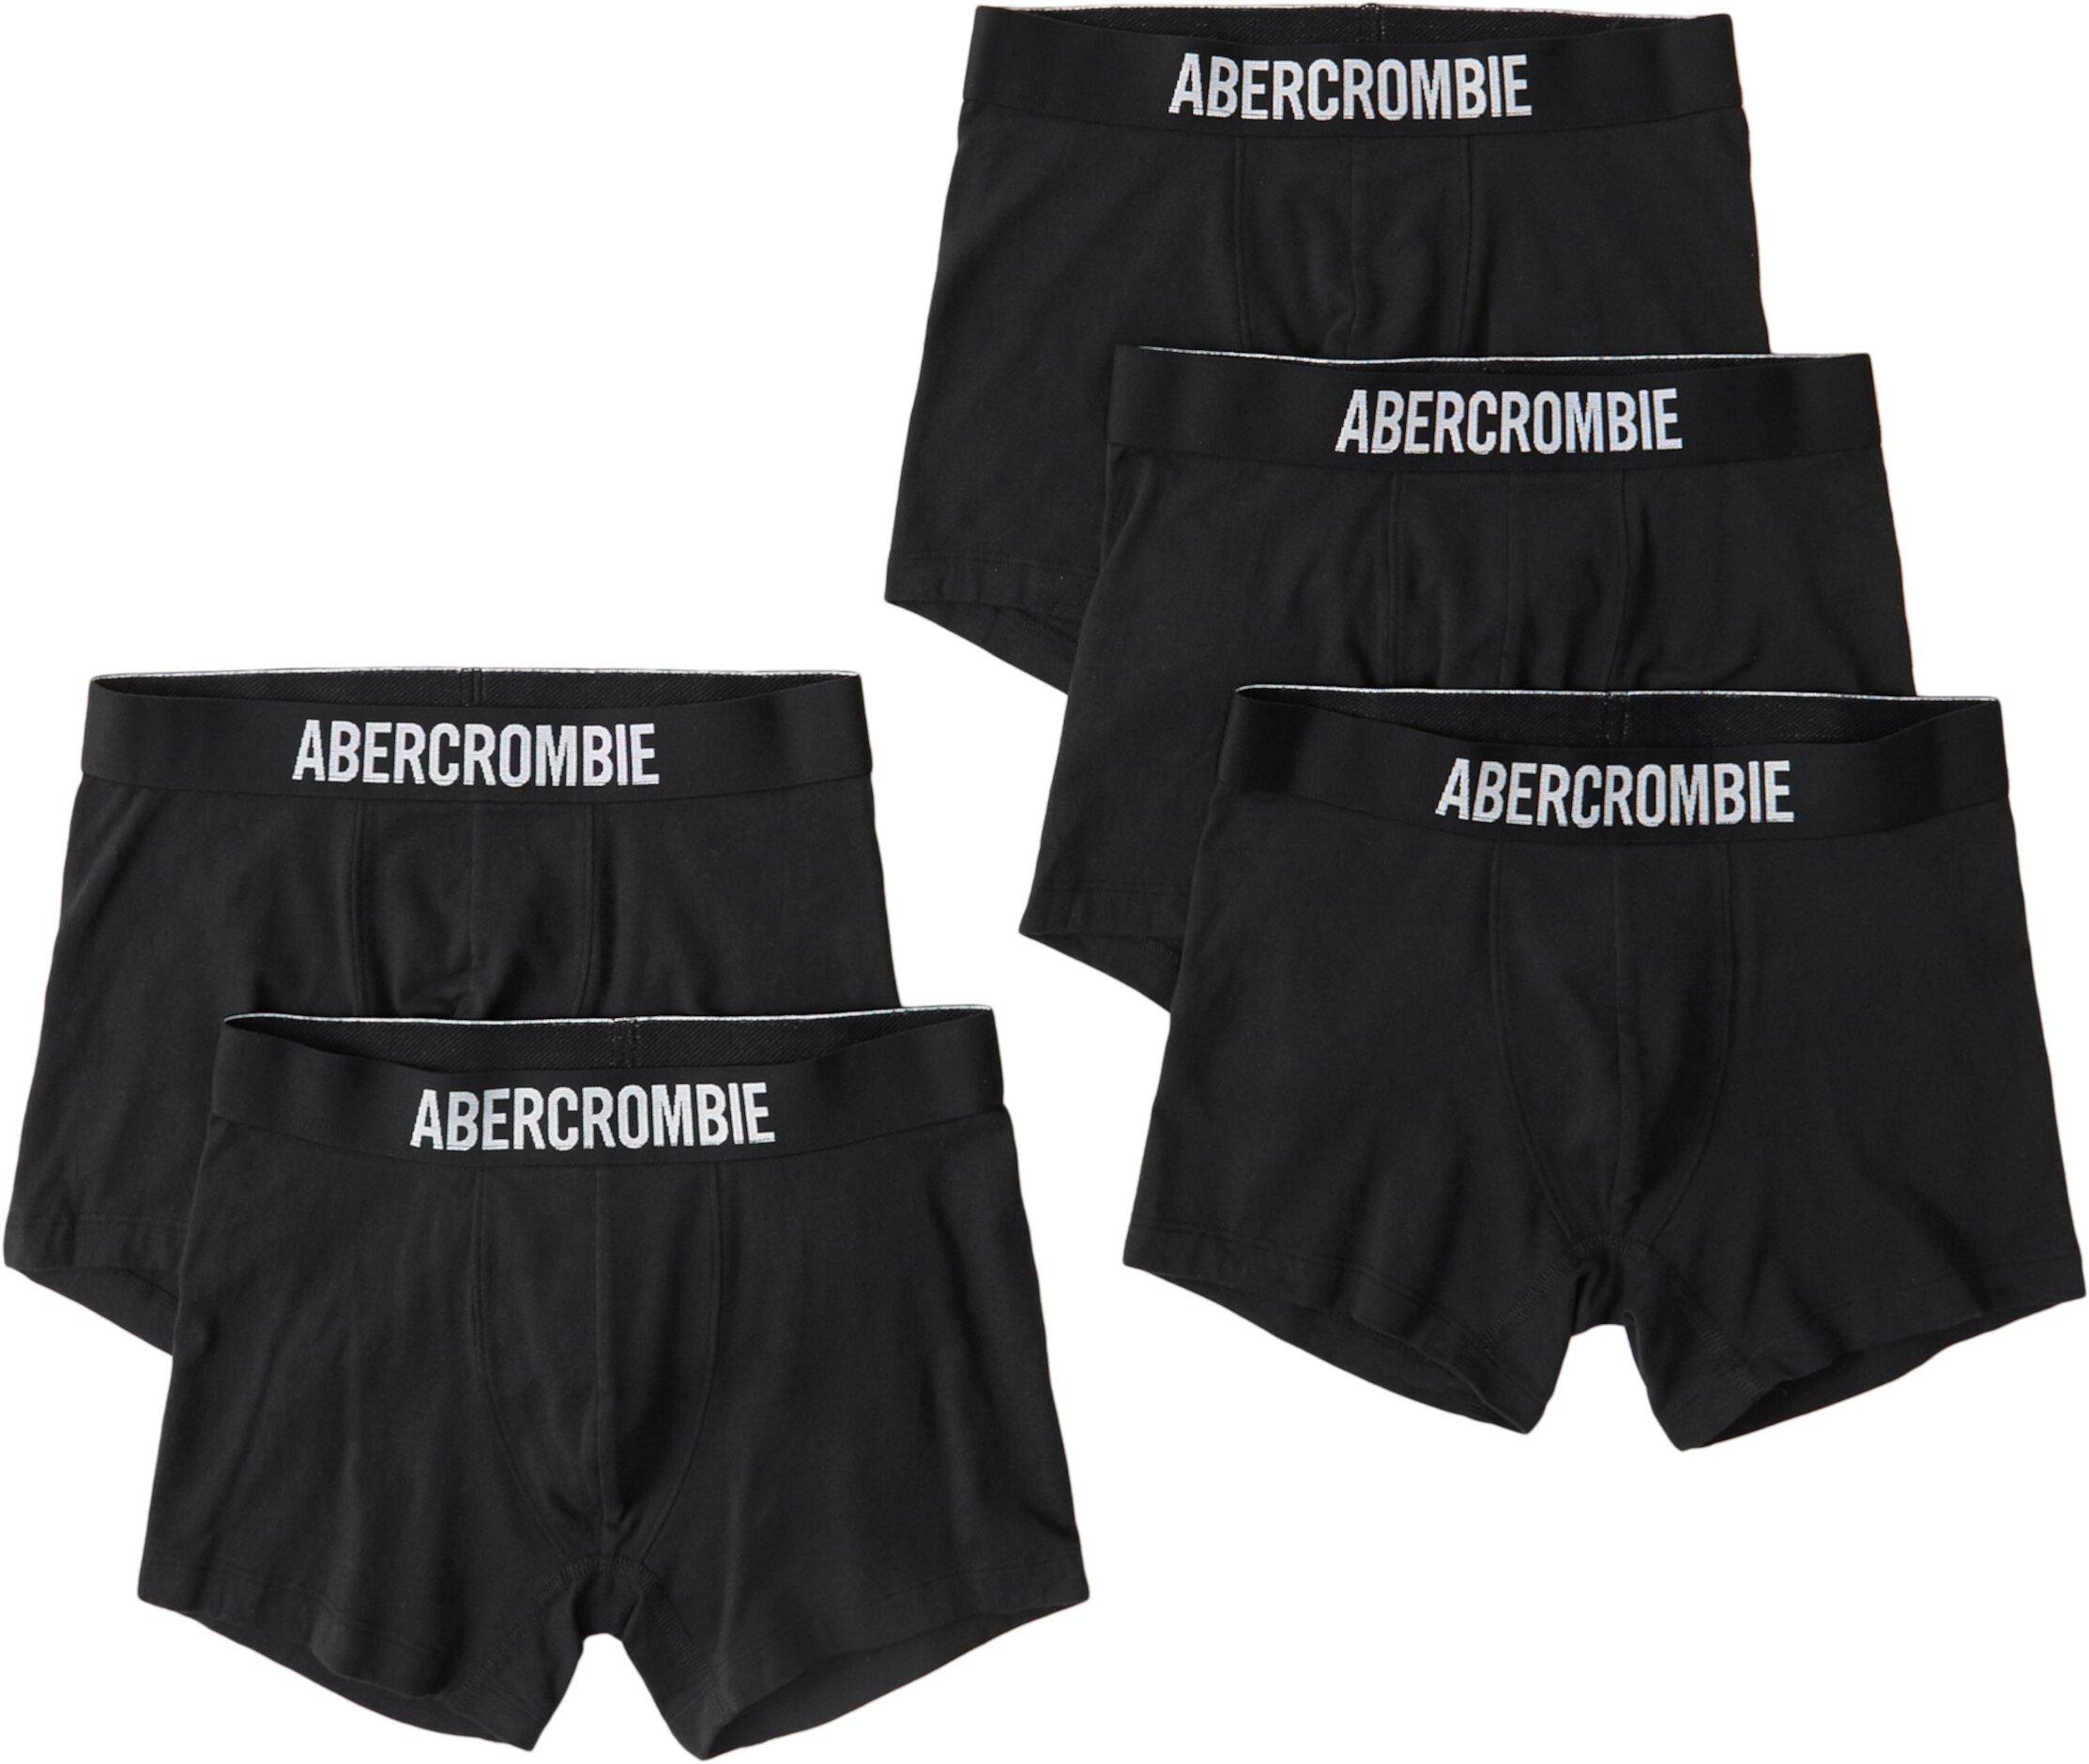 Нижнее белье Basic Solids (для маленьких / больших детей) Abercrombie kids